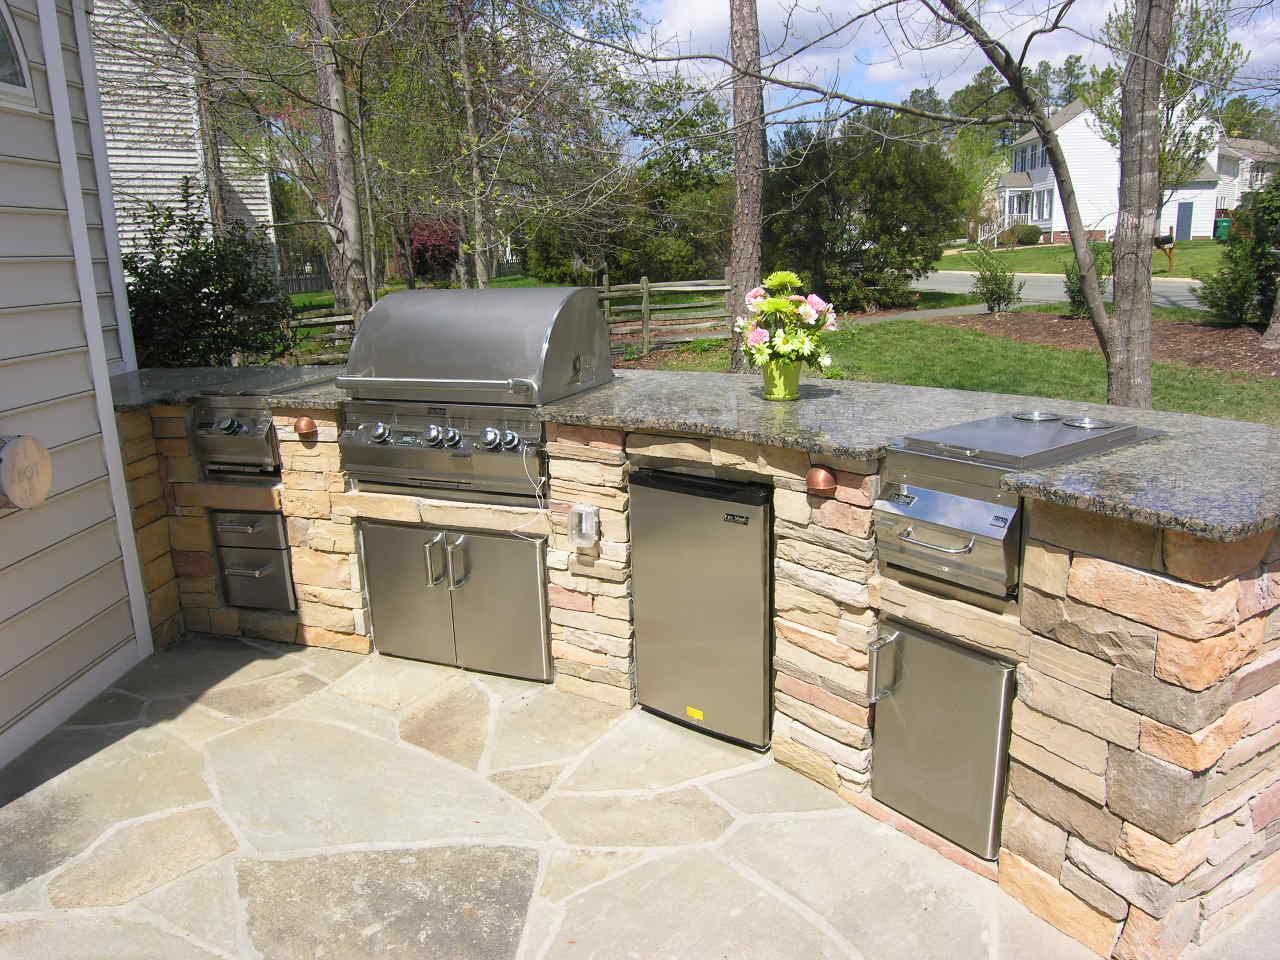 outdoor kitchen ideas photo - 9